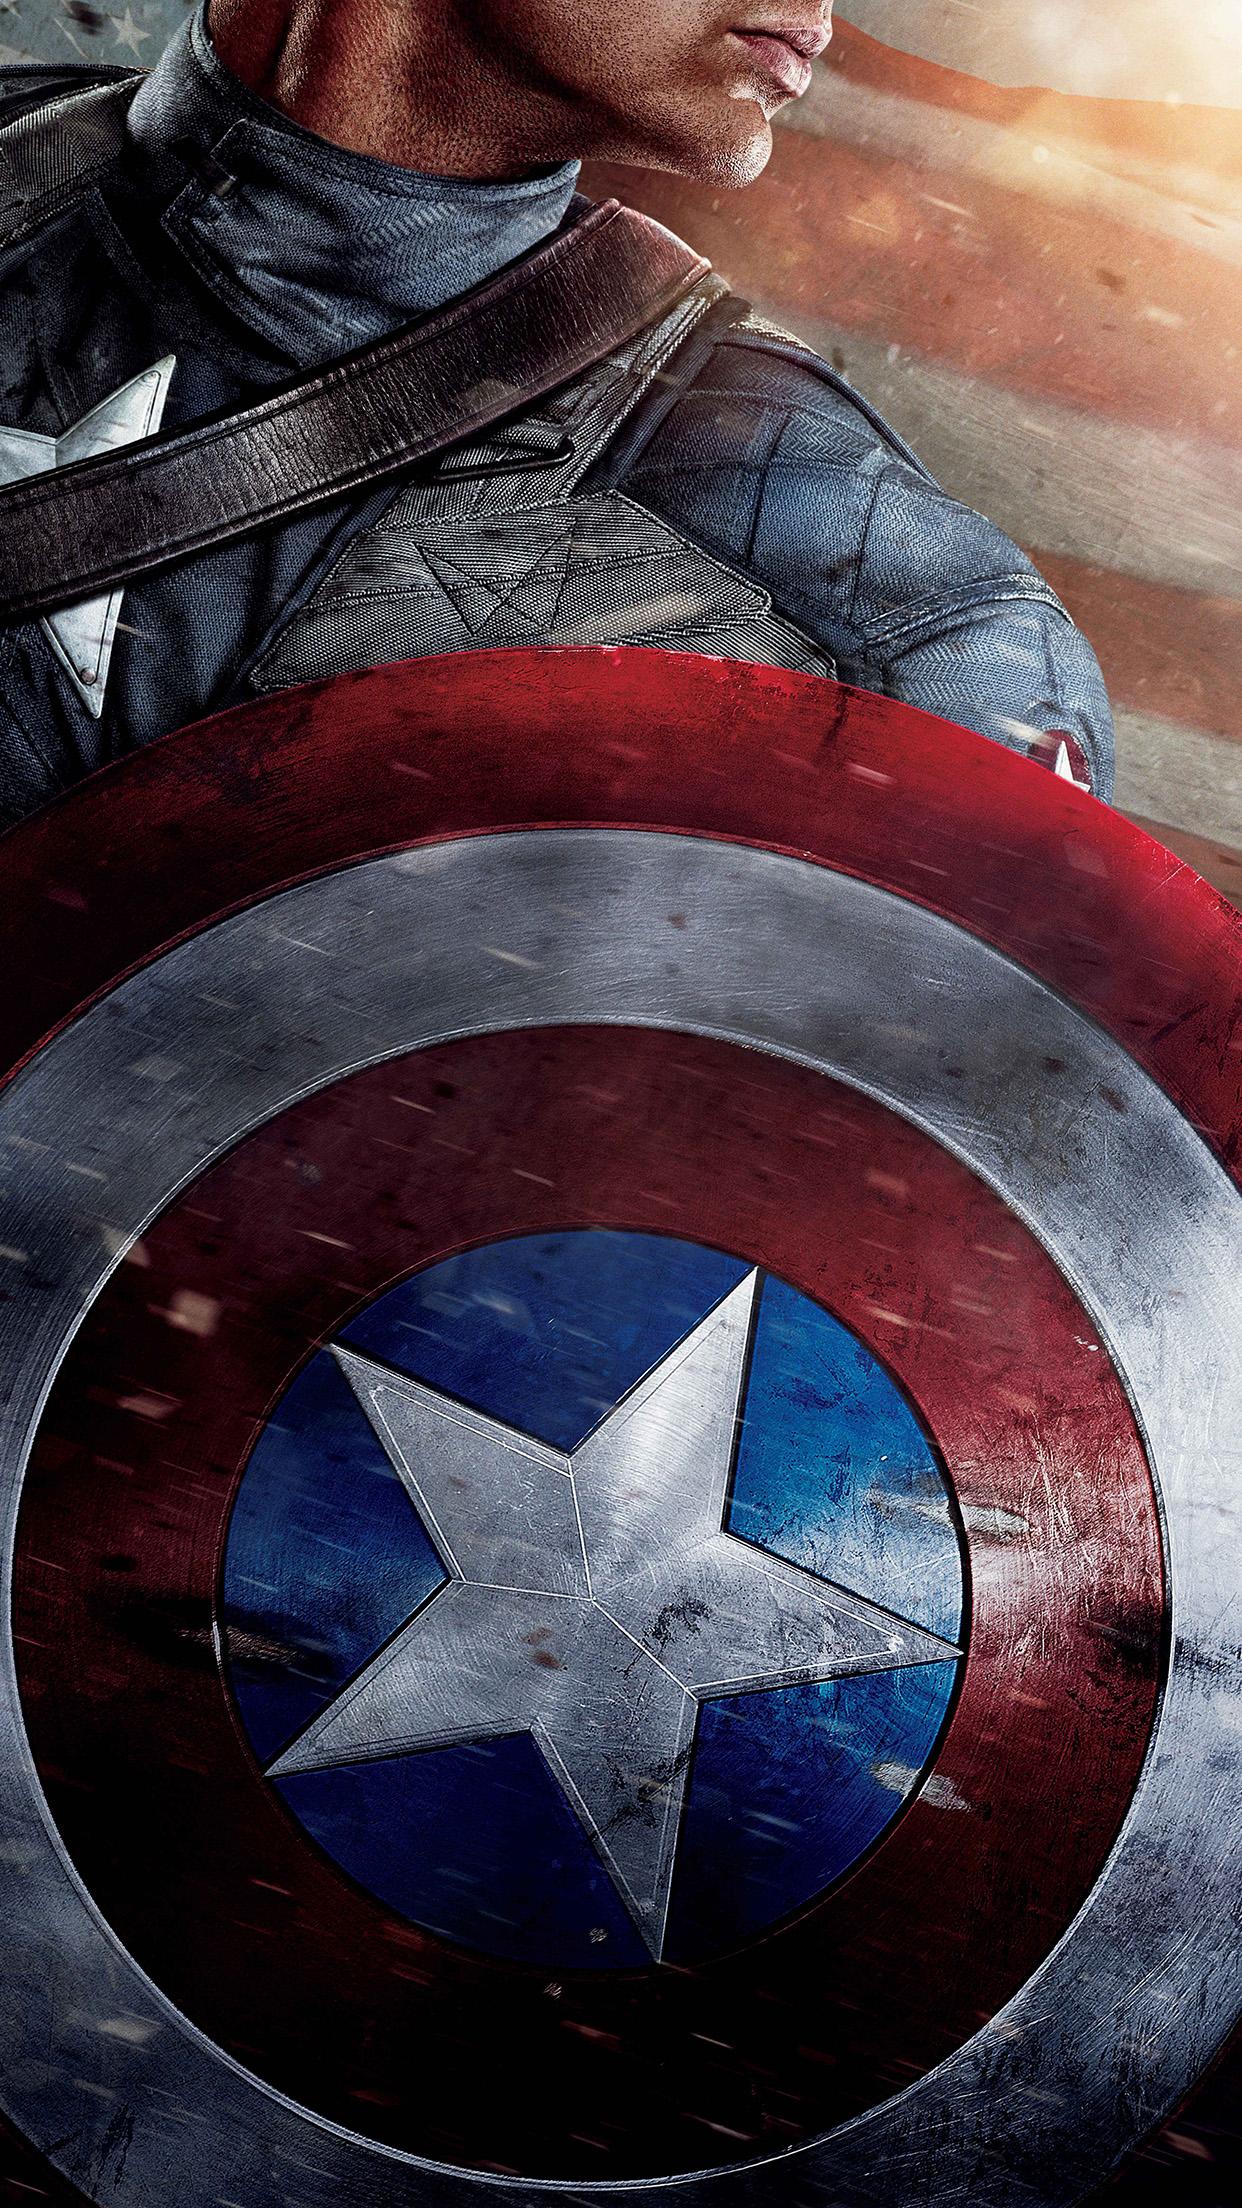 Hd 3d Droid Wallpapers Ap29 Captain America Poster Film Hero Art Wallpaper